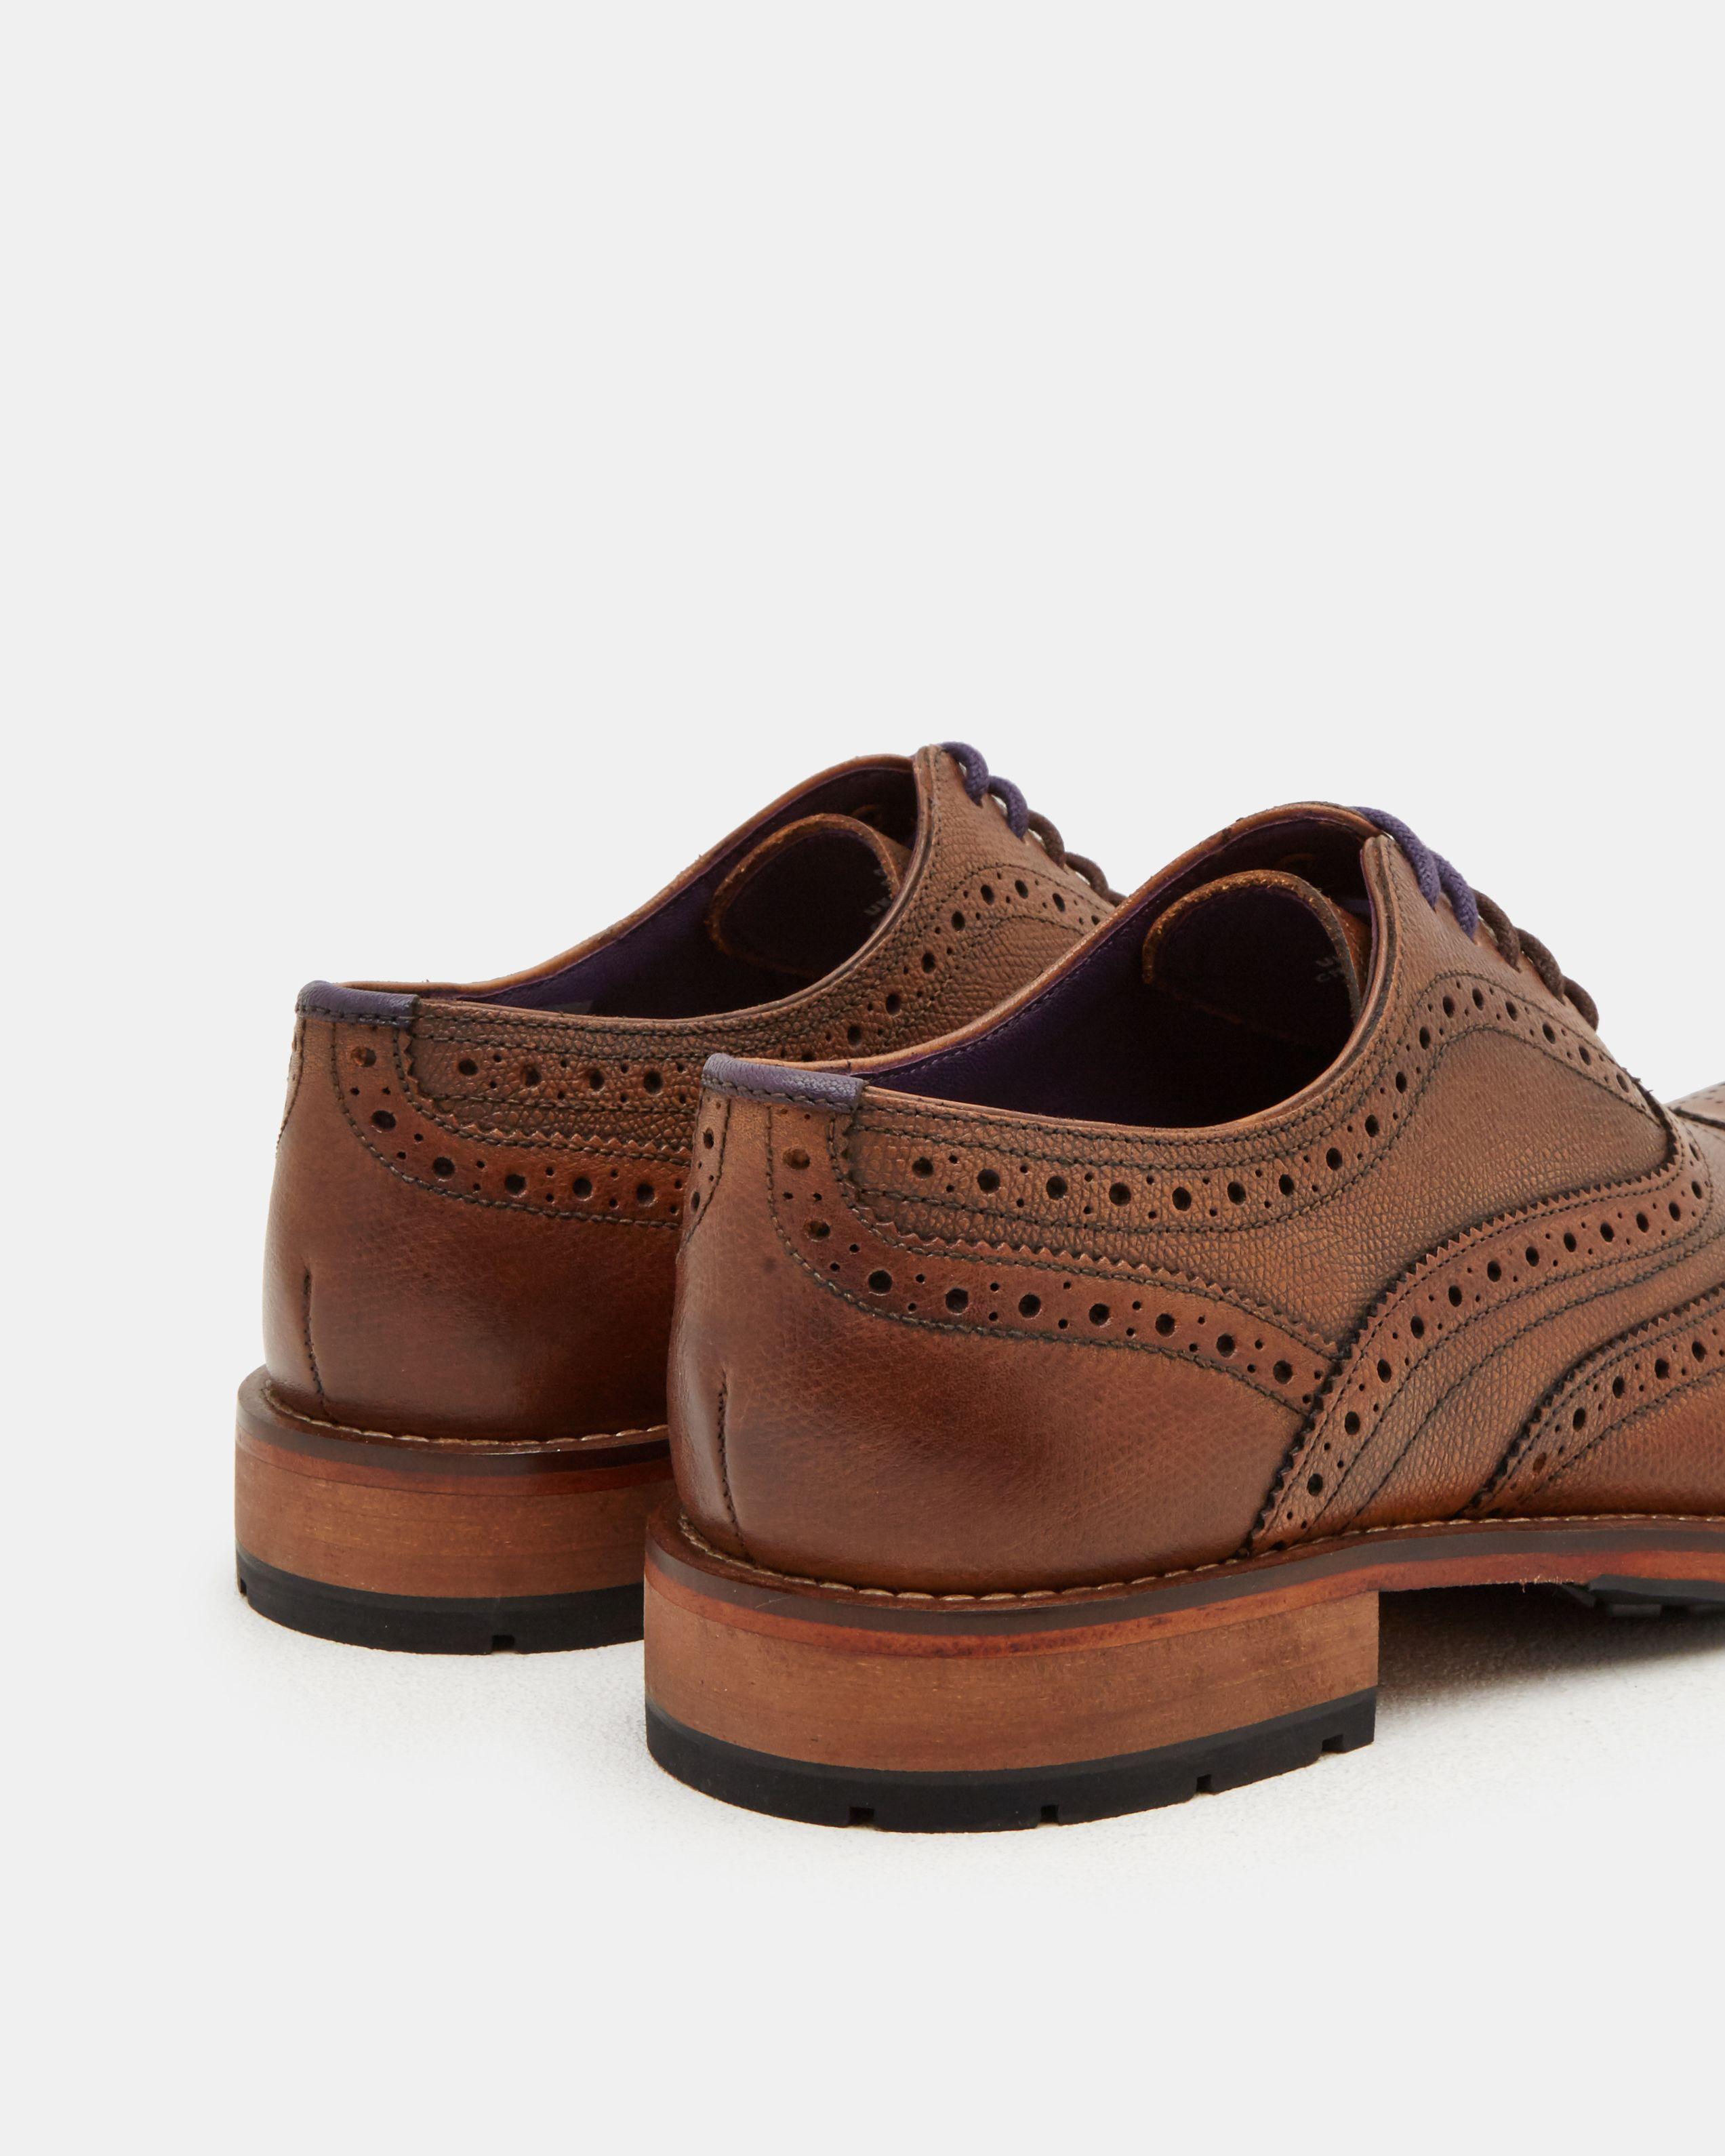 Guri Leather Oxford Brogue in Tan